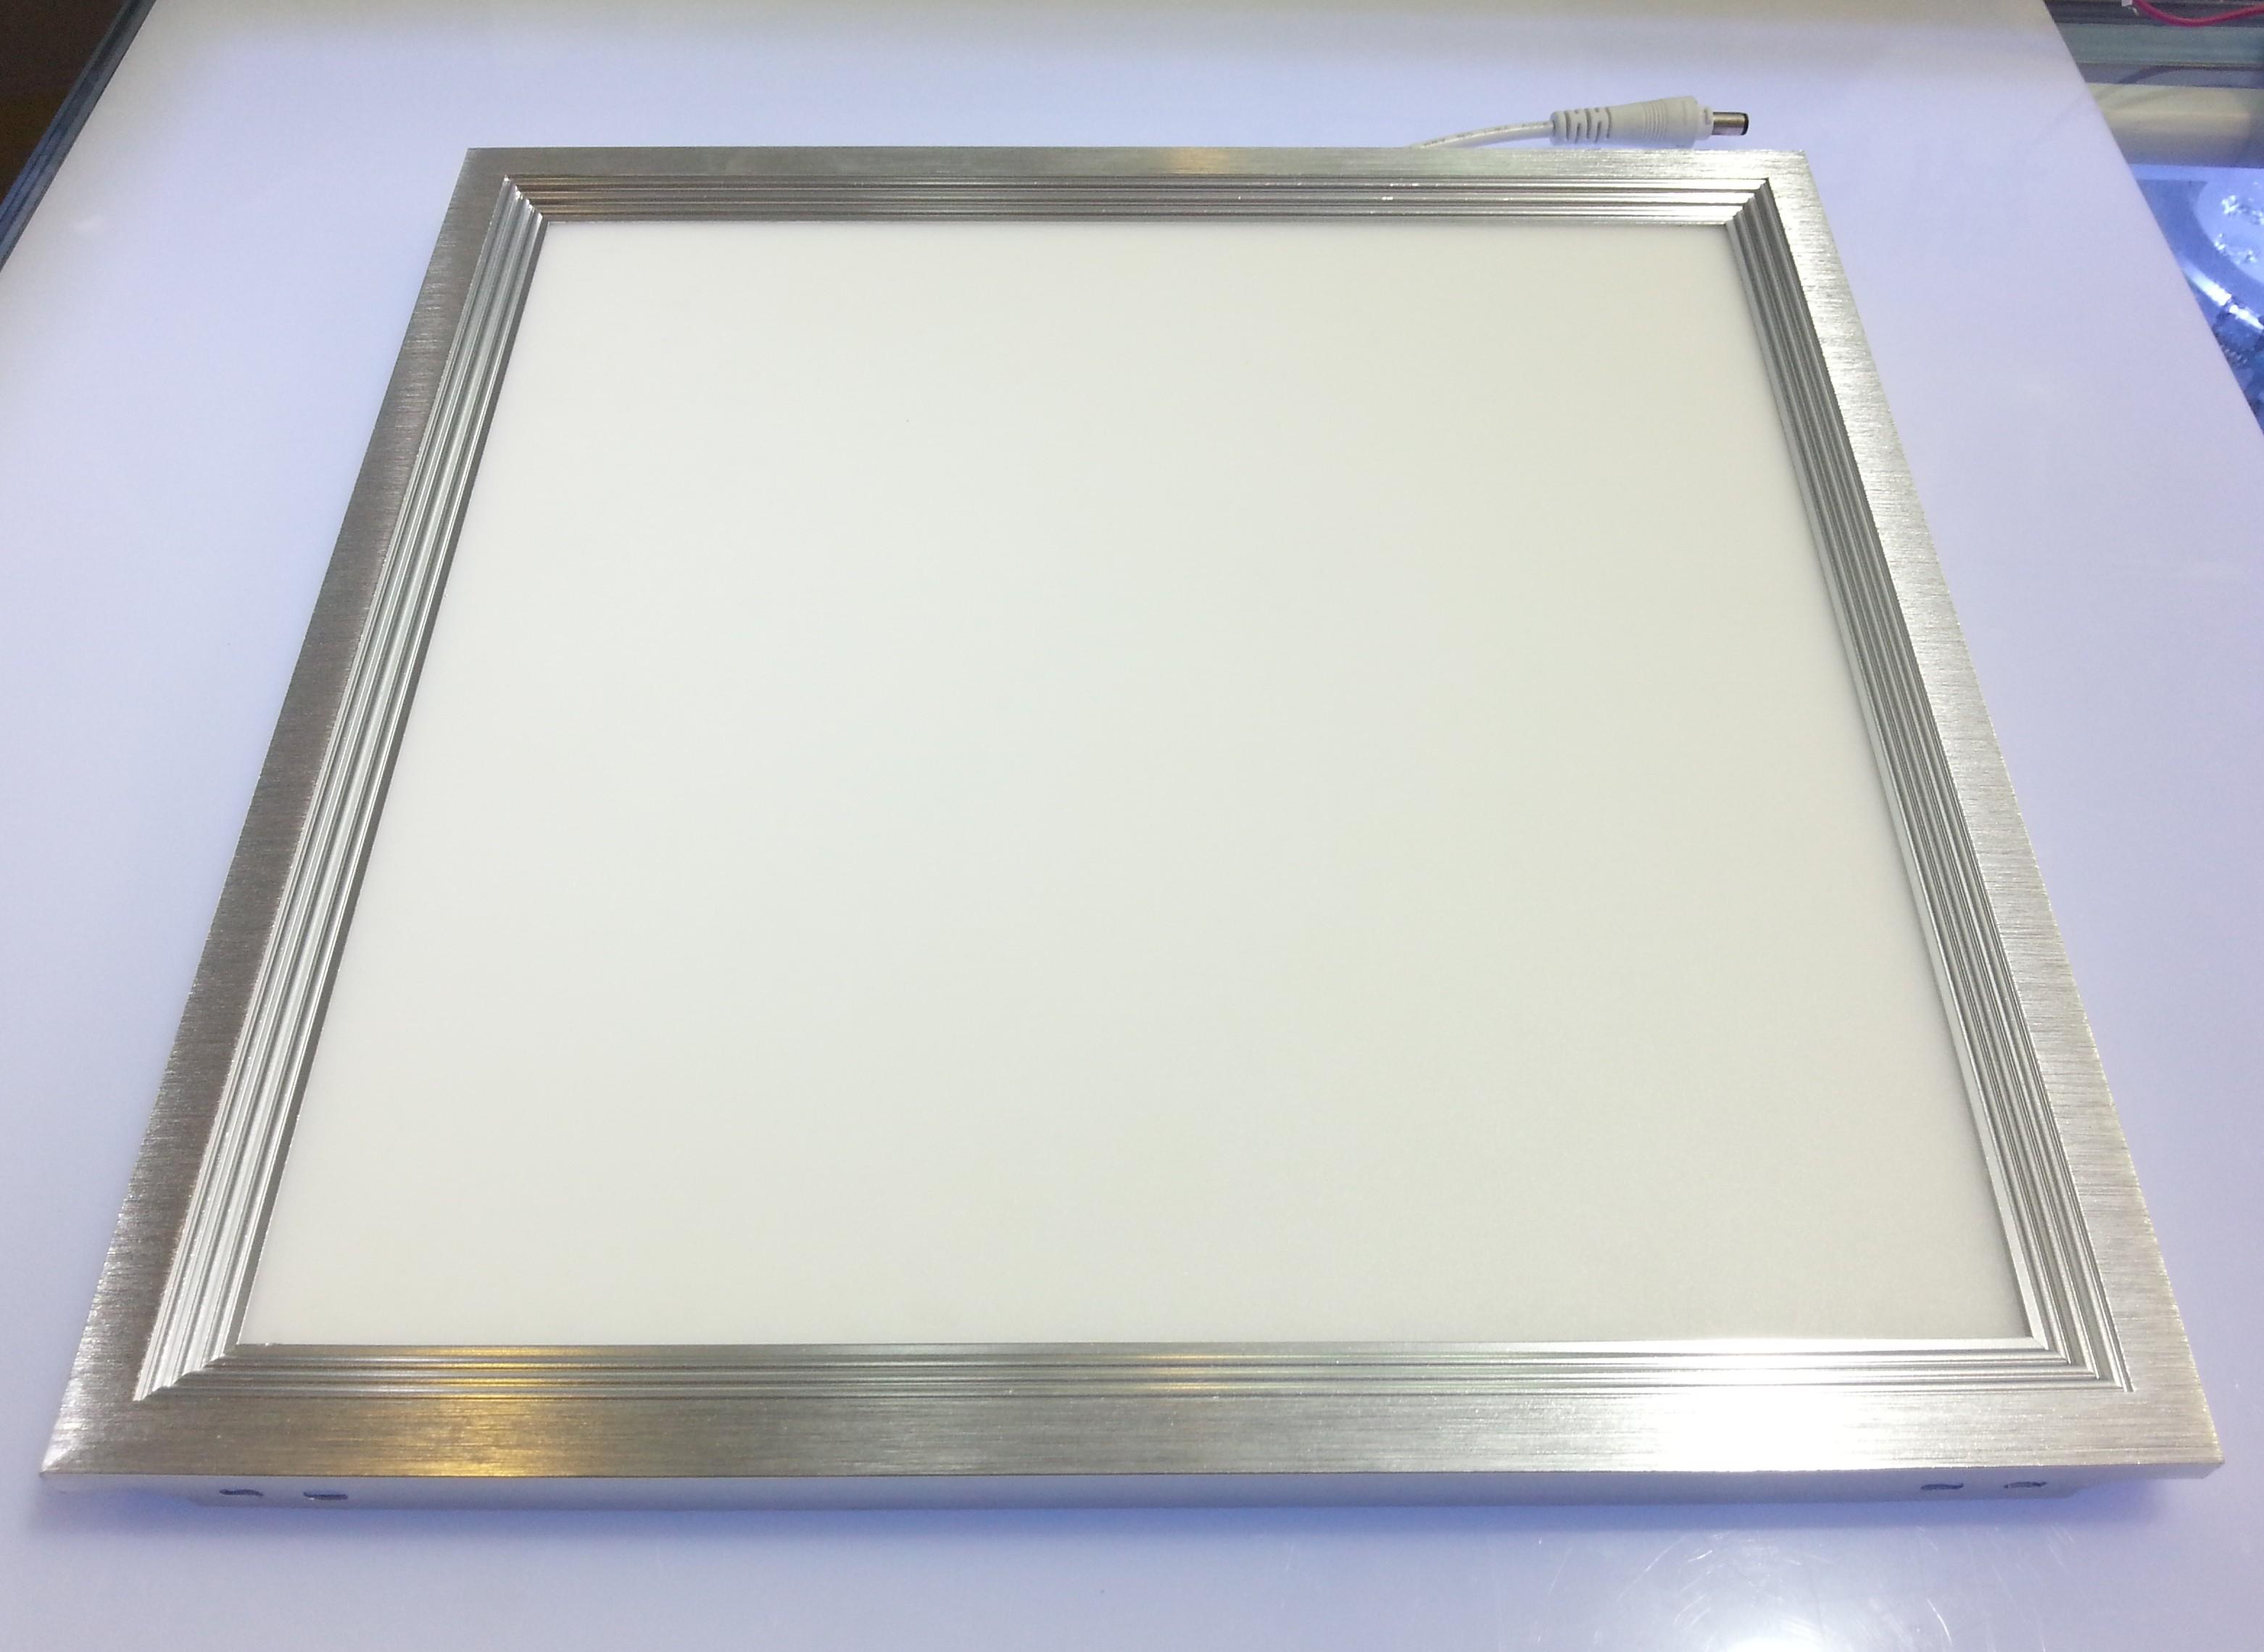 SMD_2835_LED_Panel_Light_300_300MM_Ceiling_Downlight_Lamp